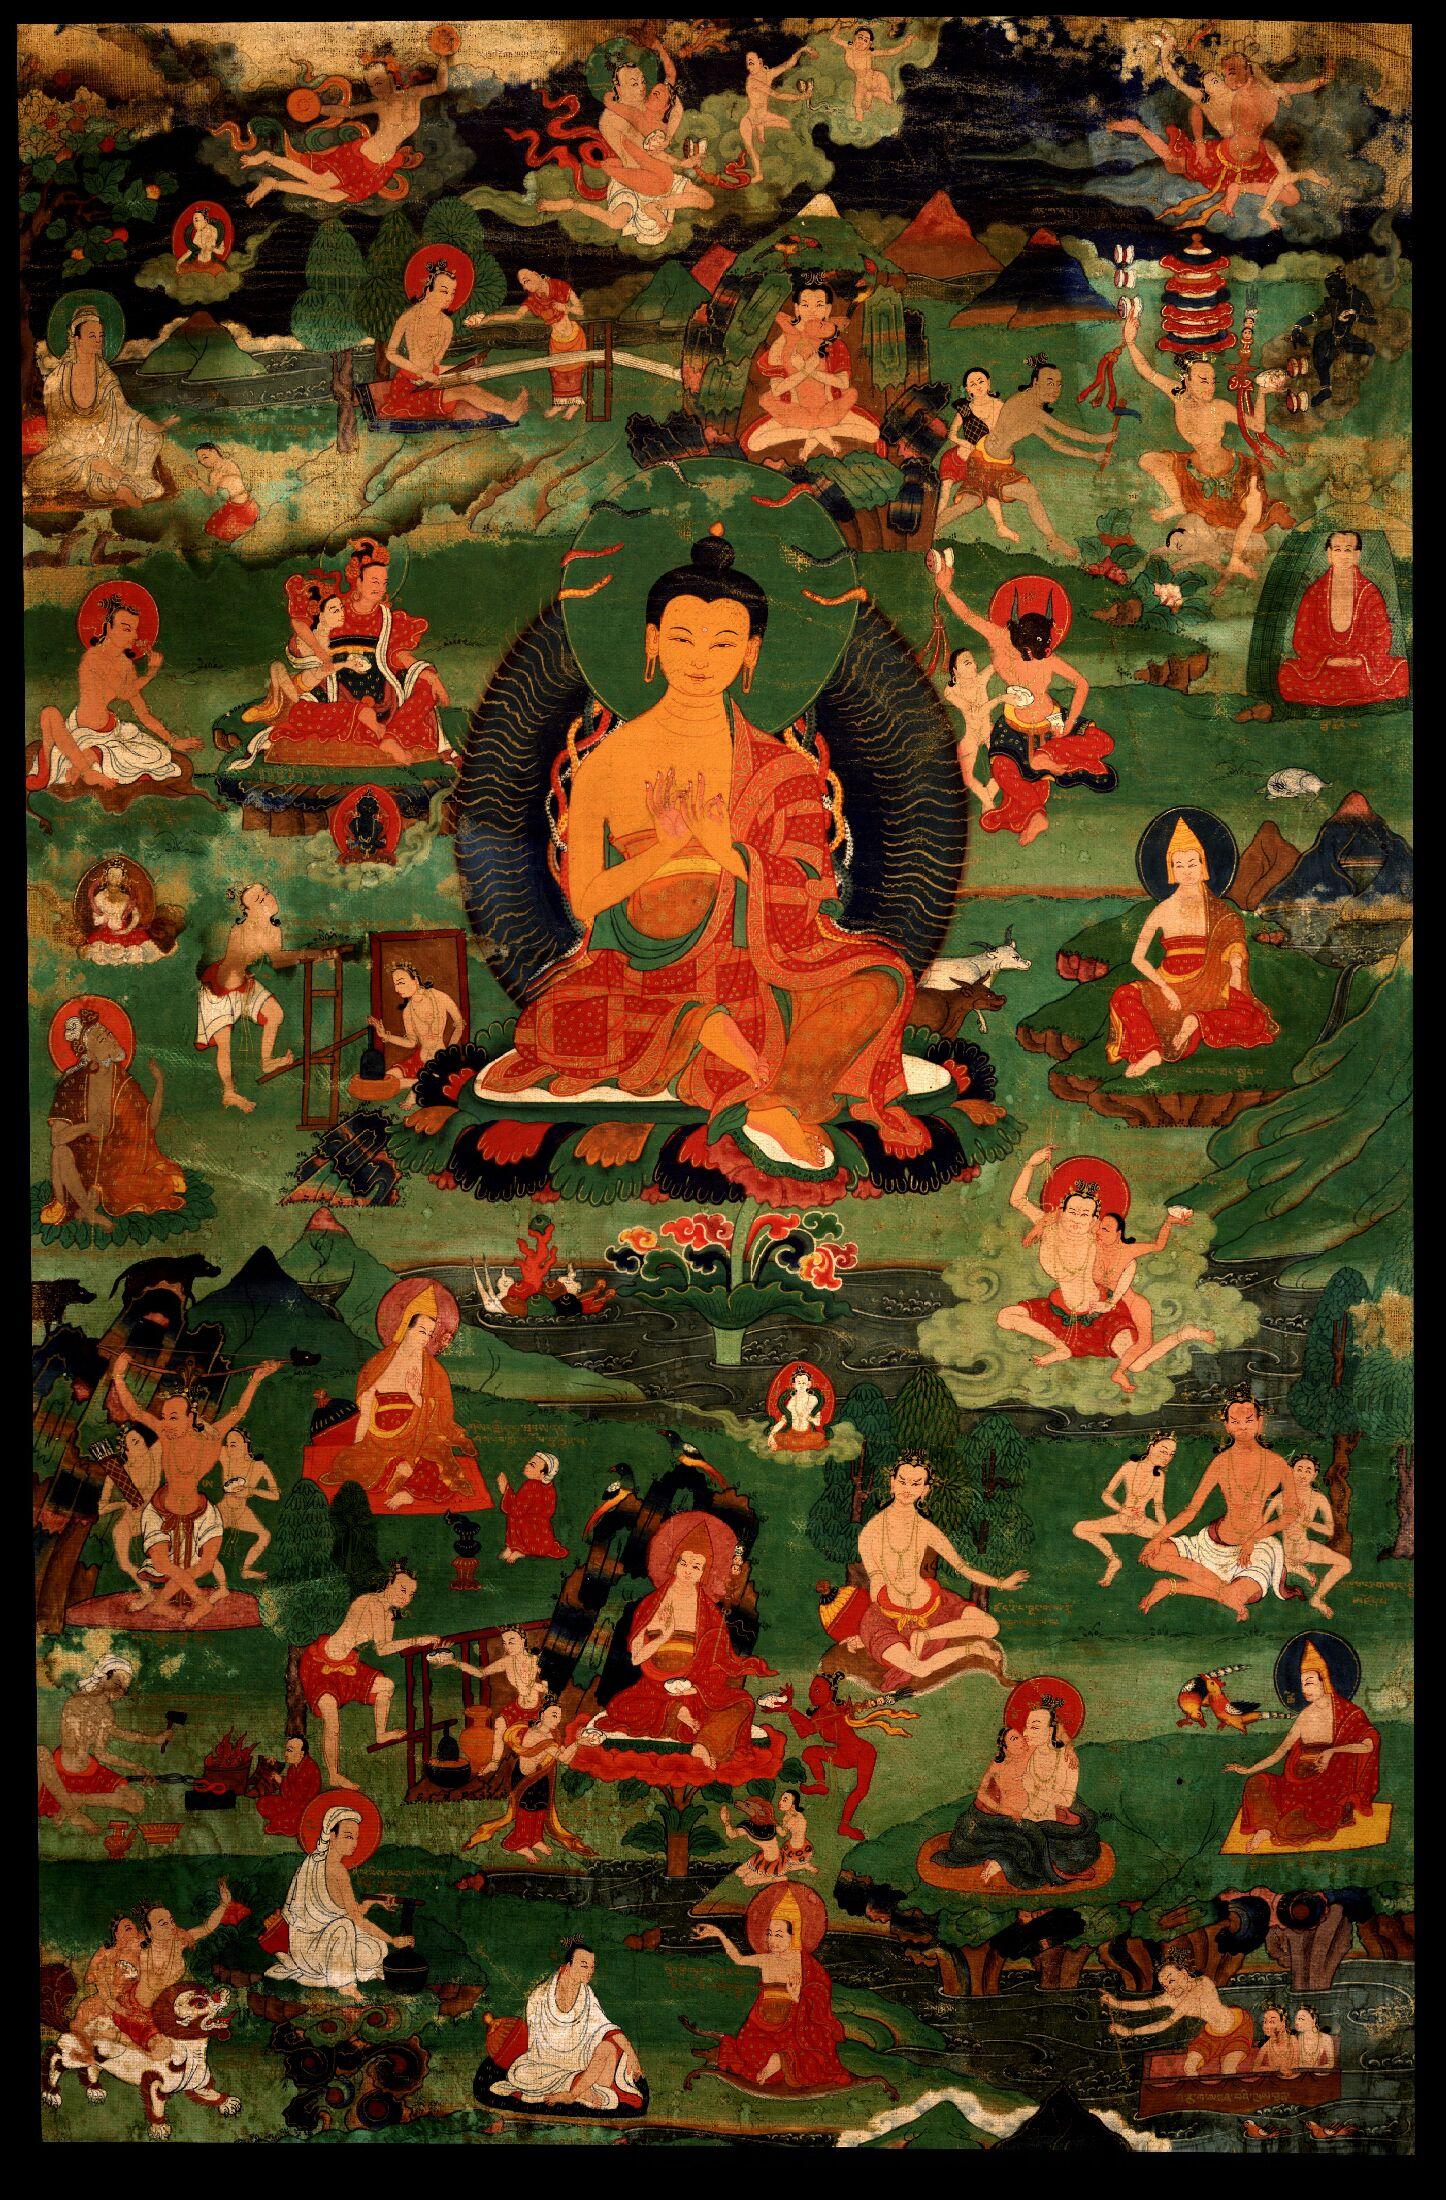 Nagarjuna: Colui che vede il sorgere per relazione dipendente Vede anche la sofferenza, L'origine di tutto, la cessazione E il Sentiero.